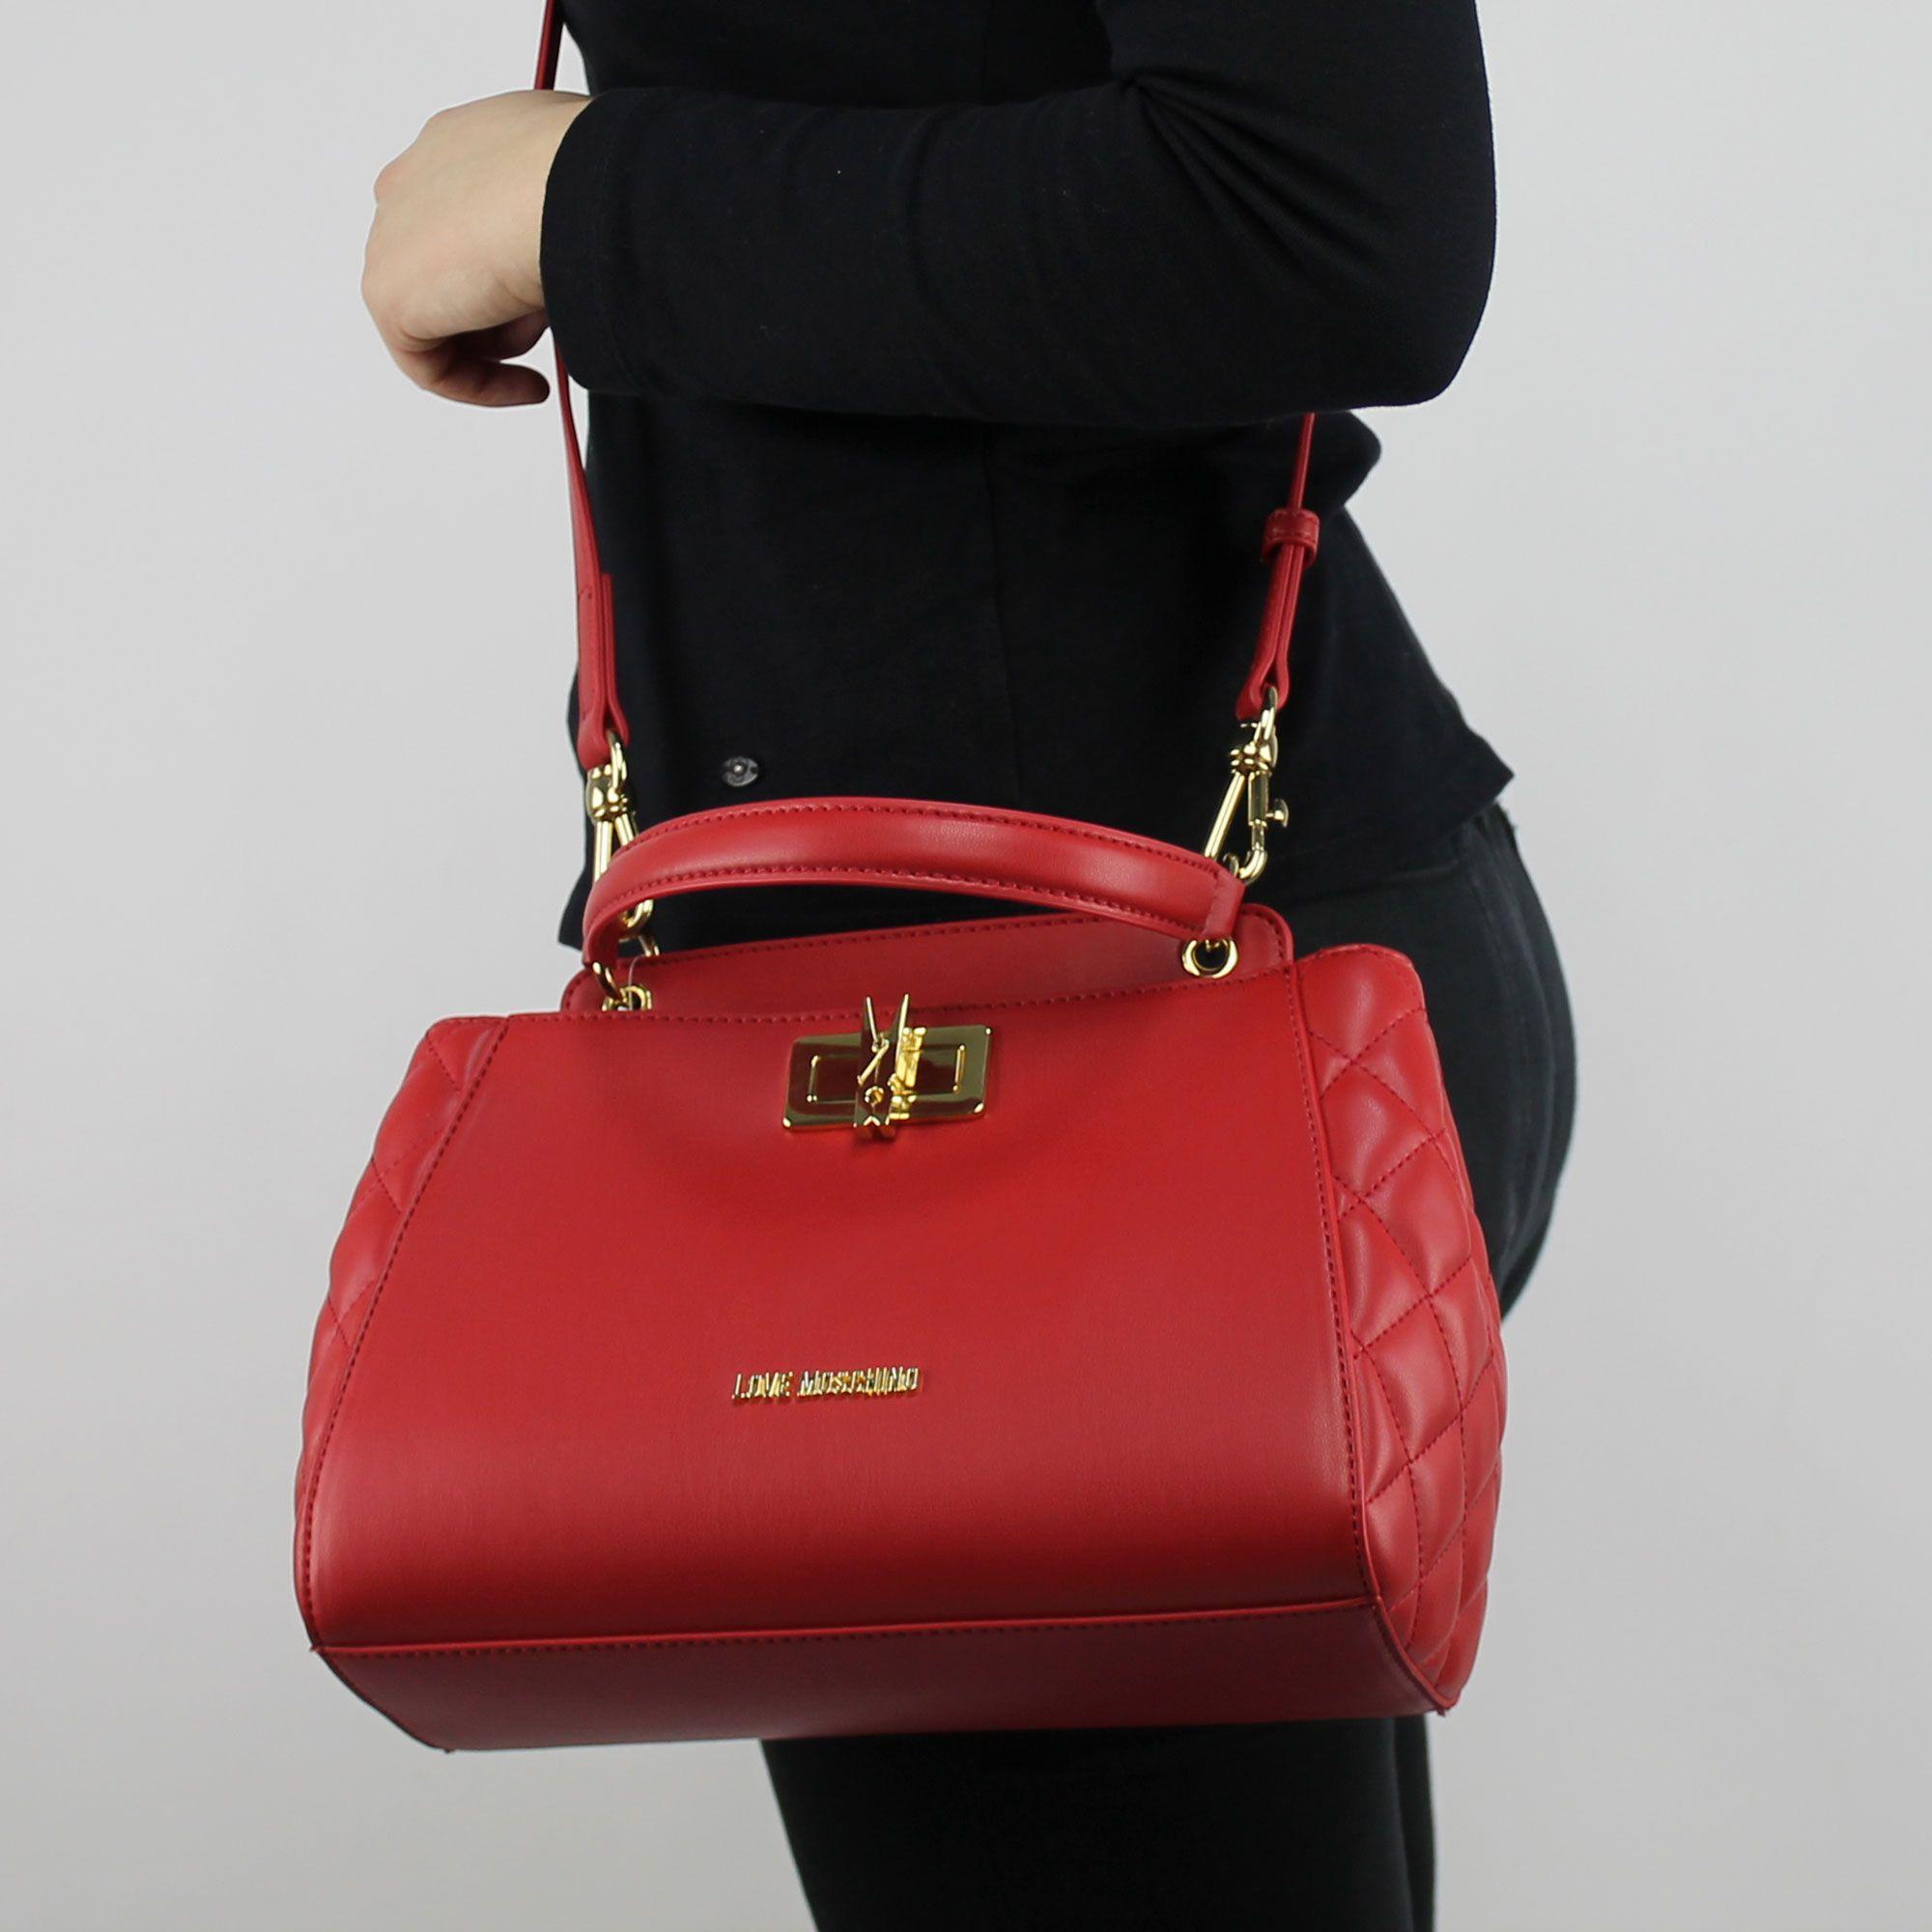 Tasche topcase Love Moschino rote steppjacke mit wäscheklammer JC4024PP15LB0500